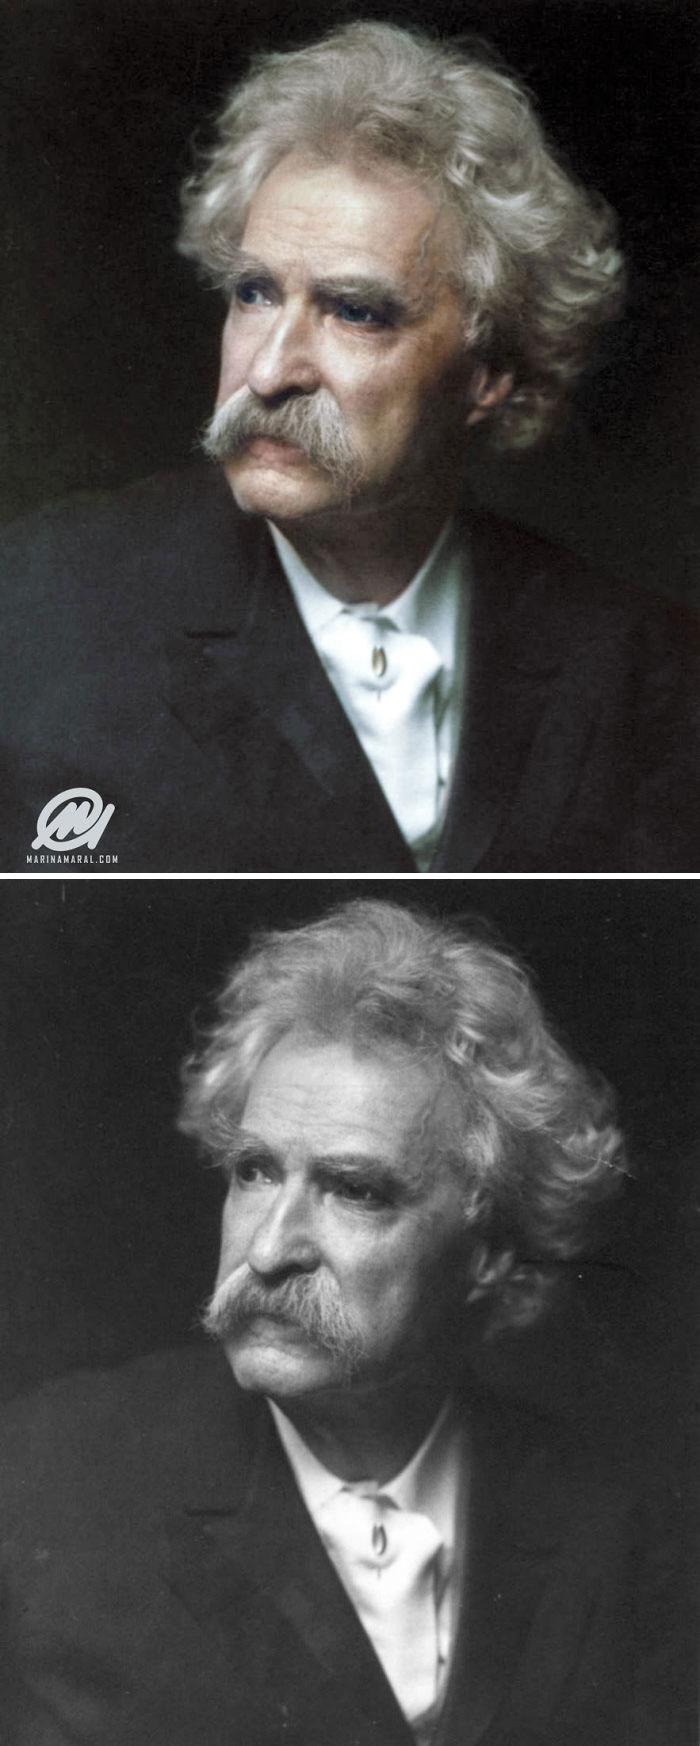 Mark Twain 1900s